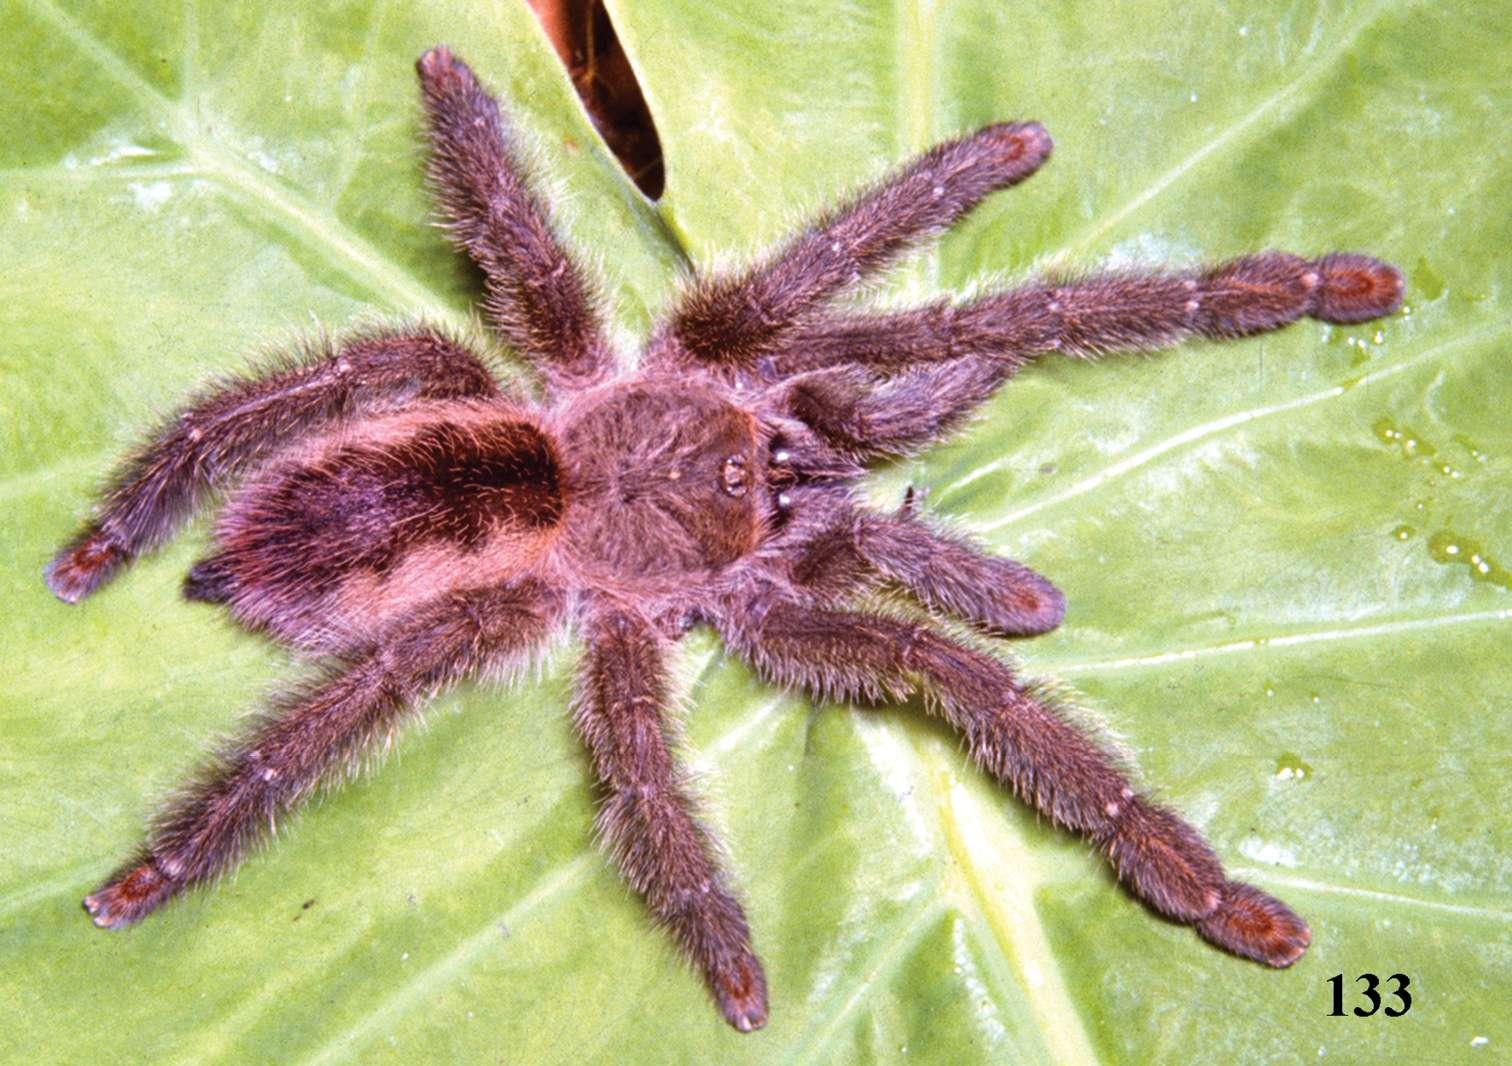 La mygale Iridopelma vanini est l'une des quatre espèces Iridopelma qui ont été découvertes dans l'est et le centre du Brésil. Comme les seize nouvelles espèces découvertes, c'est une mygale arboricole. © Rogério Bertani, CC-BY 3.0